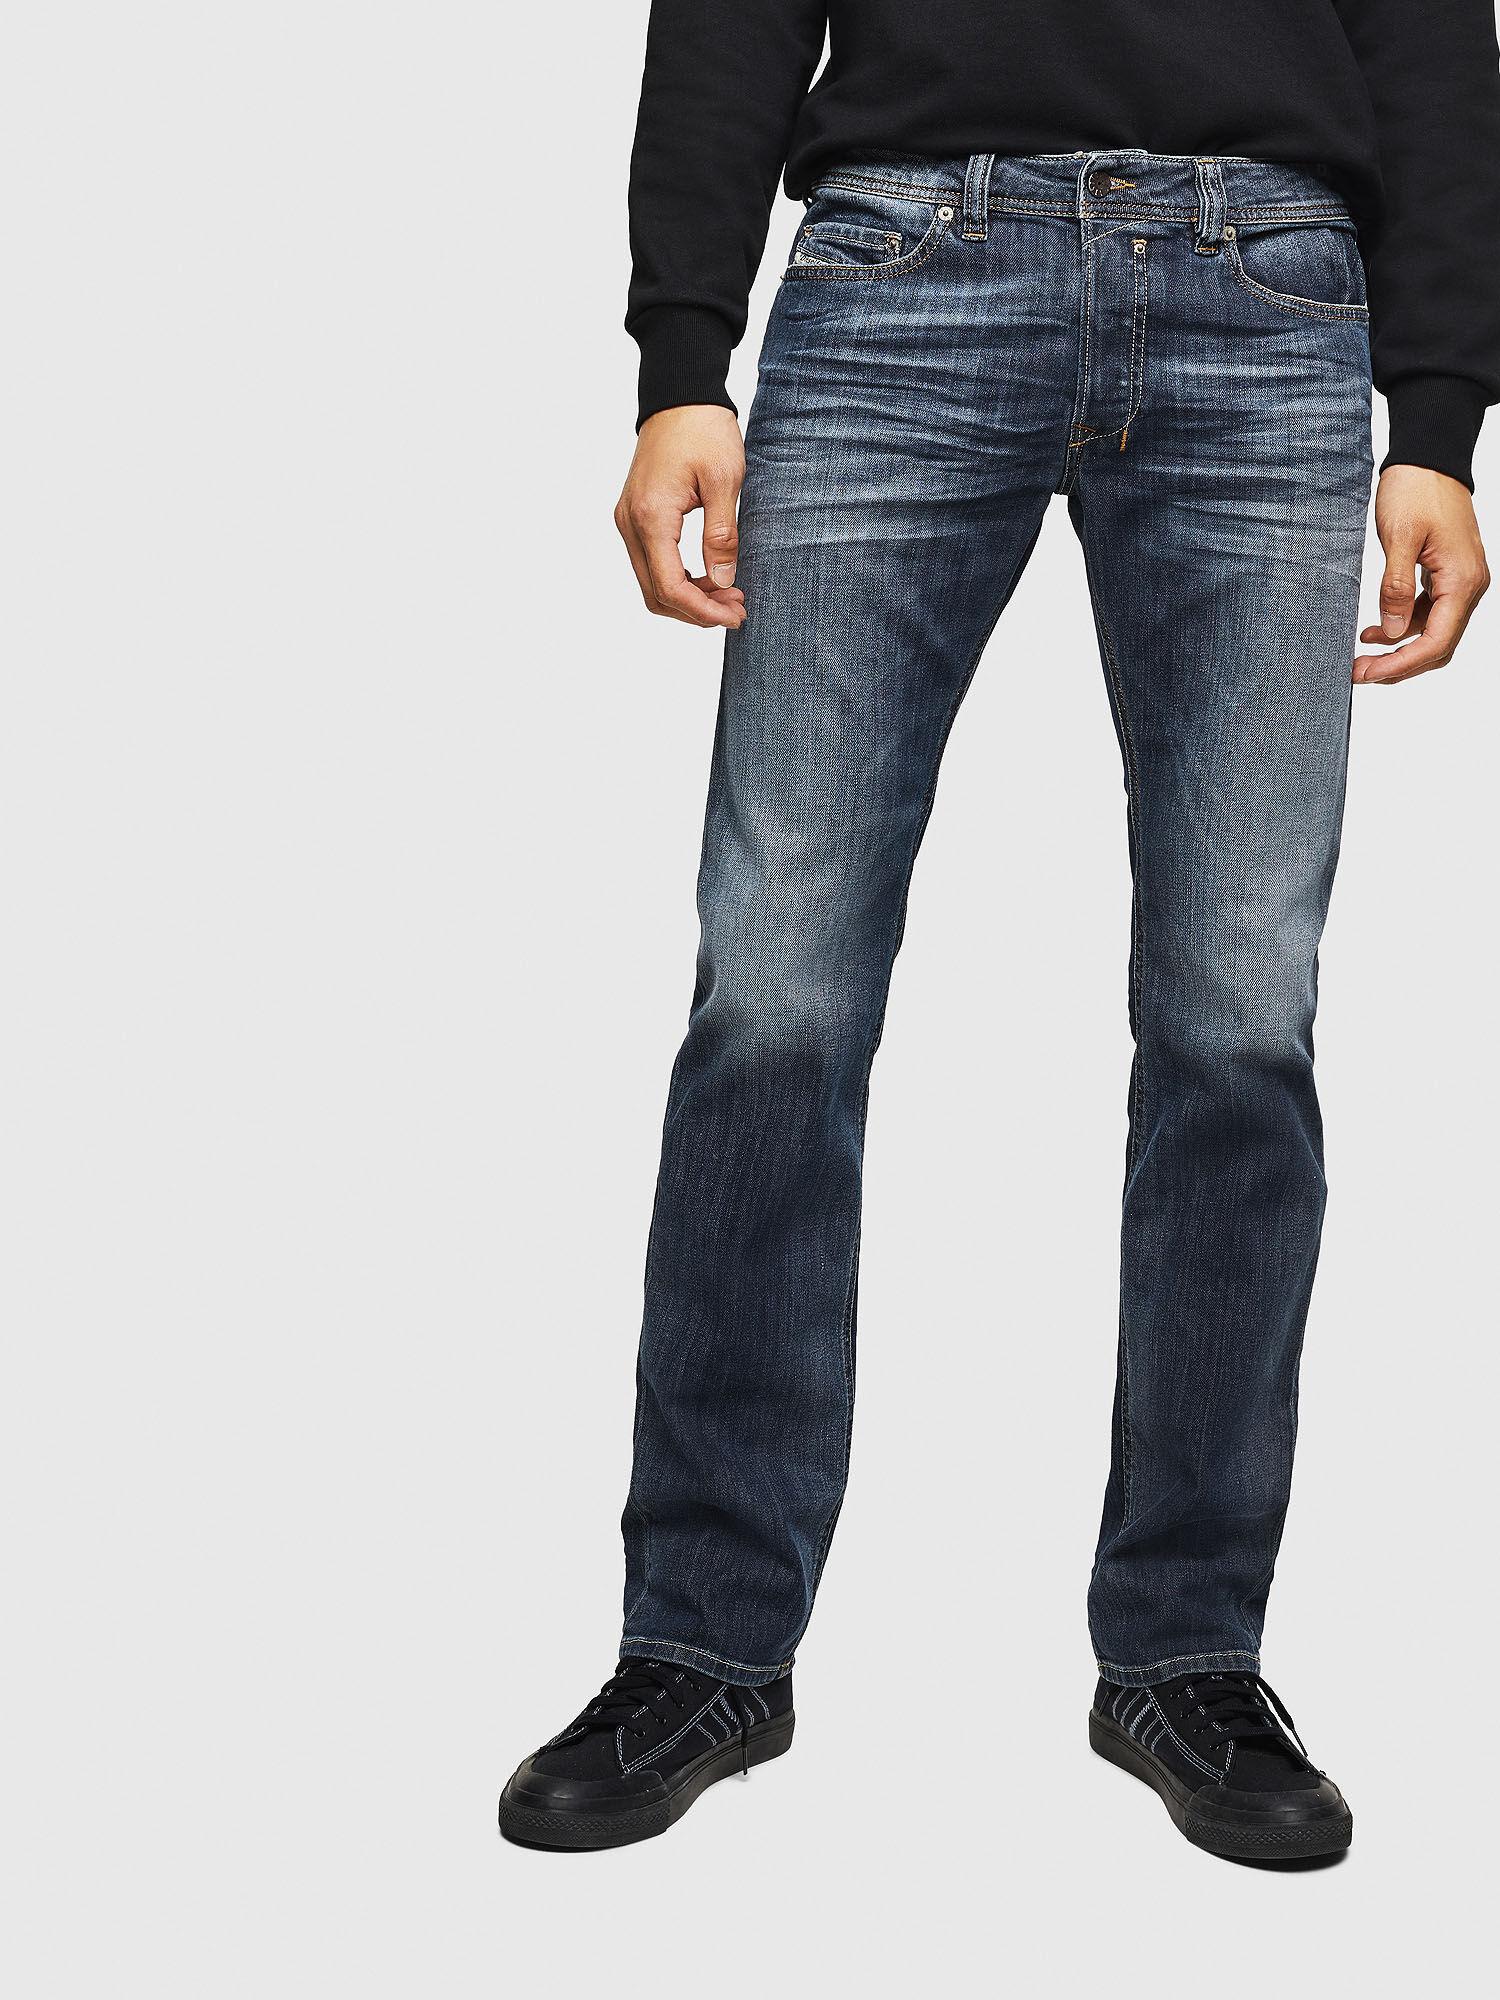 Kleidung & Accessoires Diesel Dark Denim Straight Leg Jeans Size 34 Herrenmode